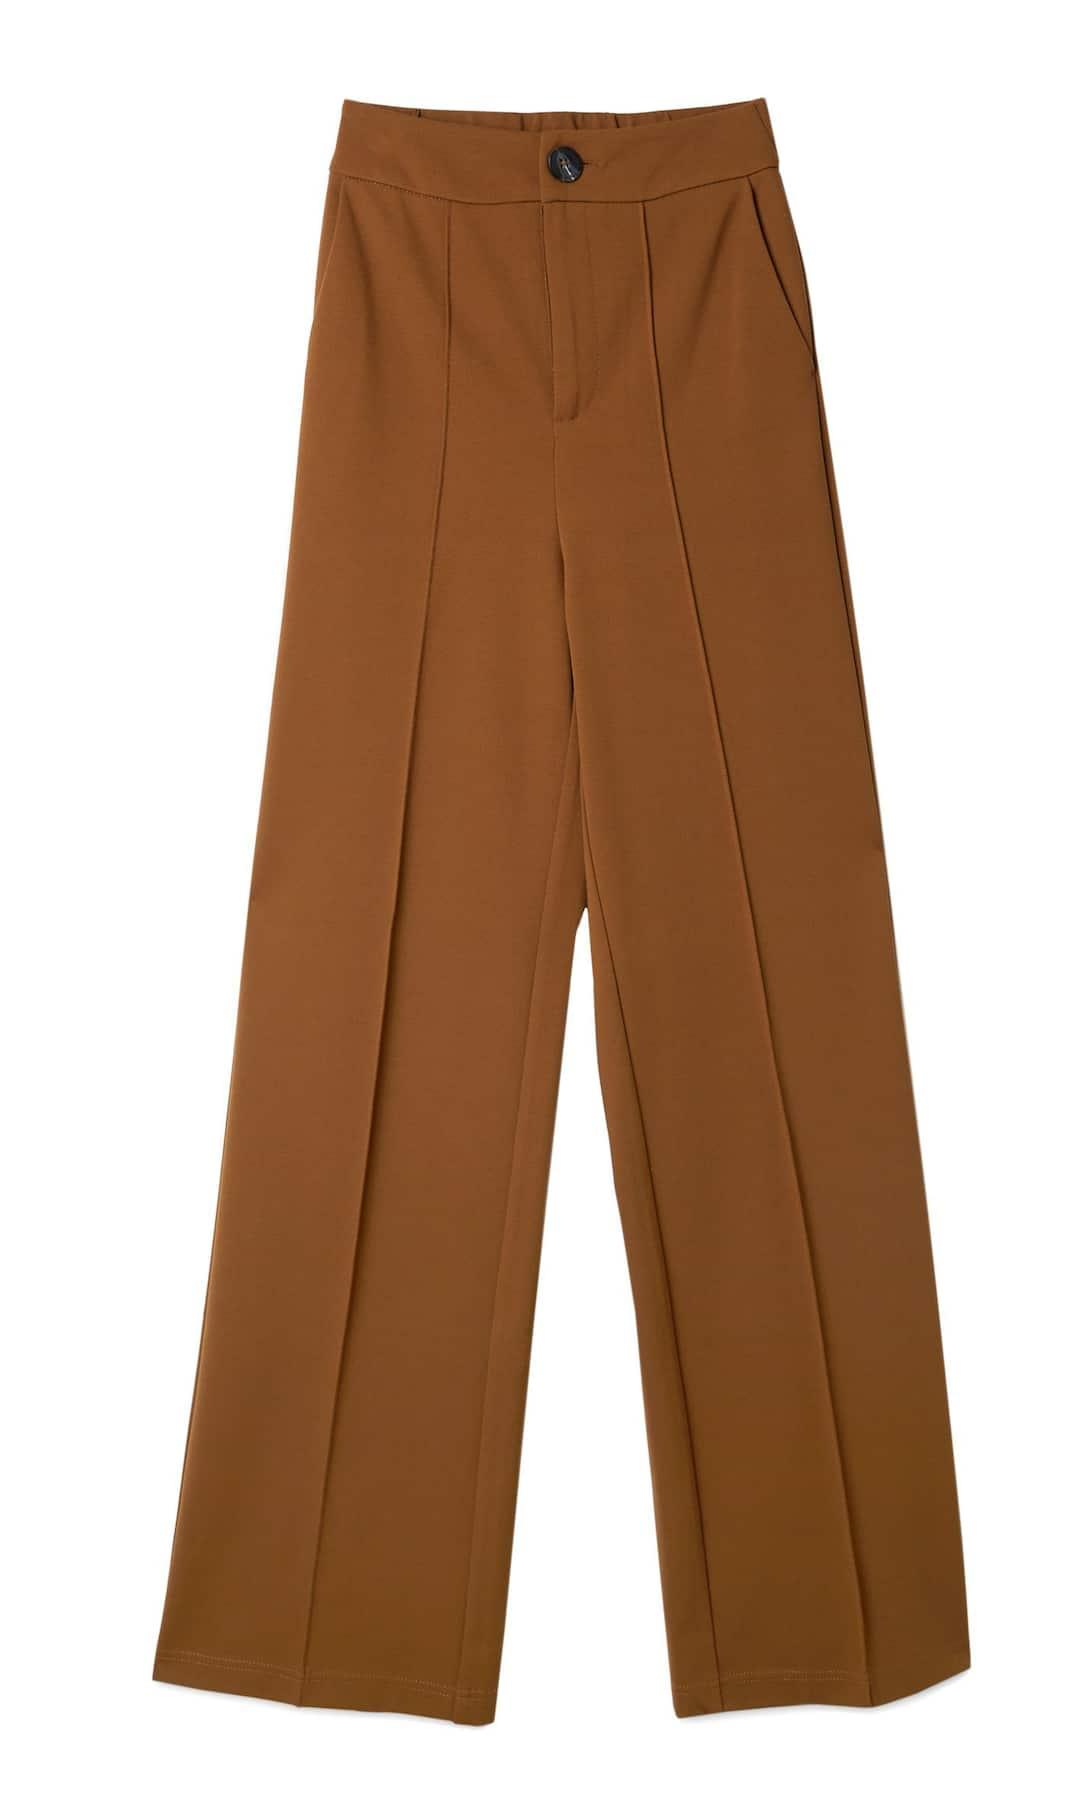 Este es el pantalón de Stradivarius que alarga las piernas perfecto para volver a la oficina